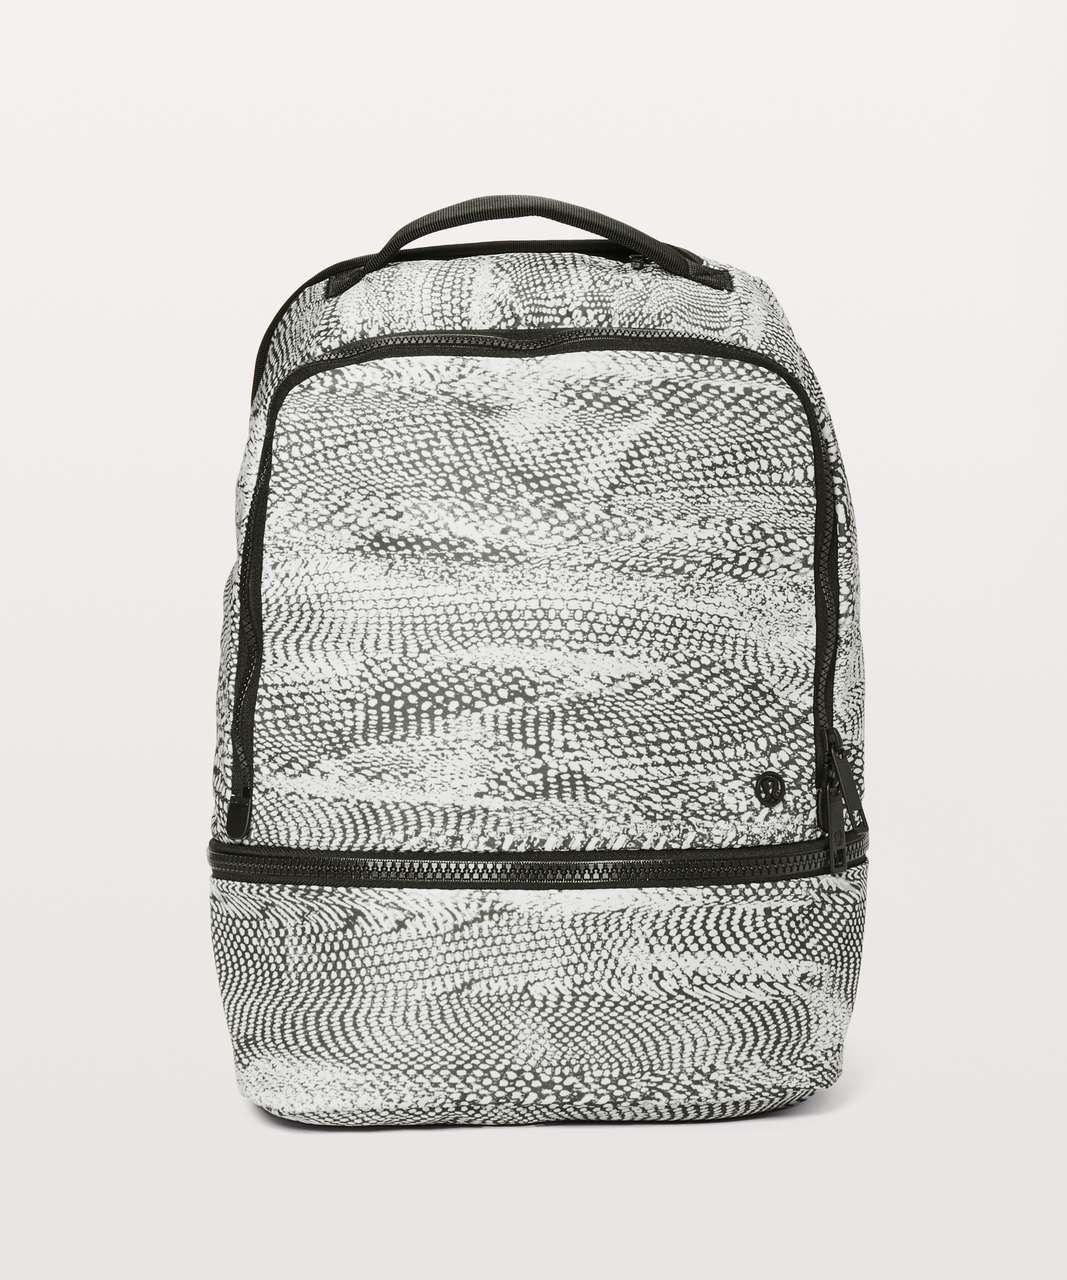 Lululemon City Adventurer Backpack *17L - Swerve Vapor Metal Grey / Black